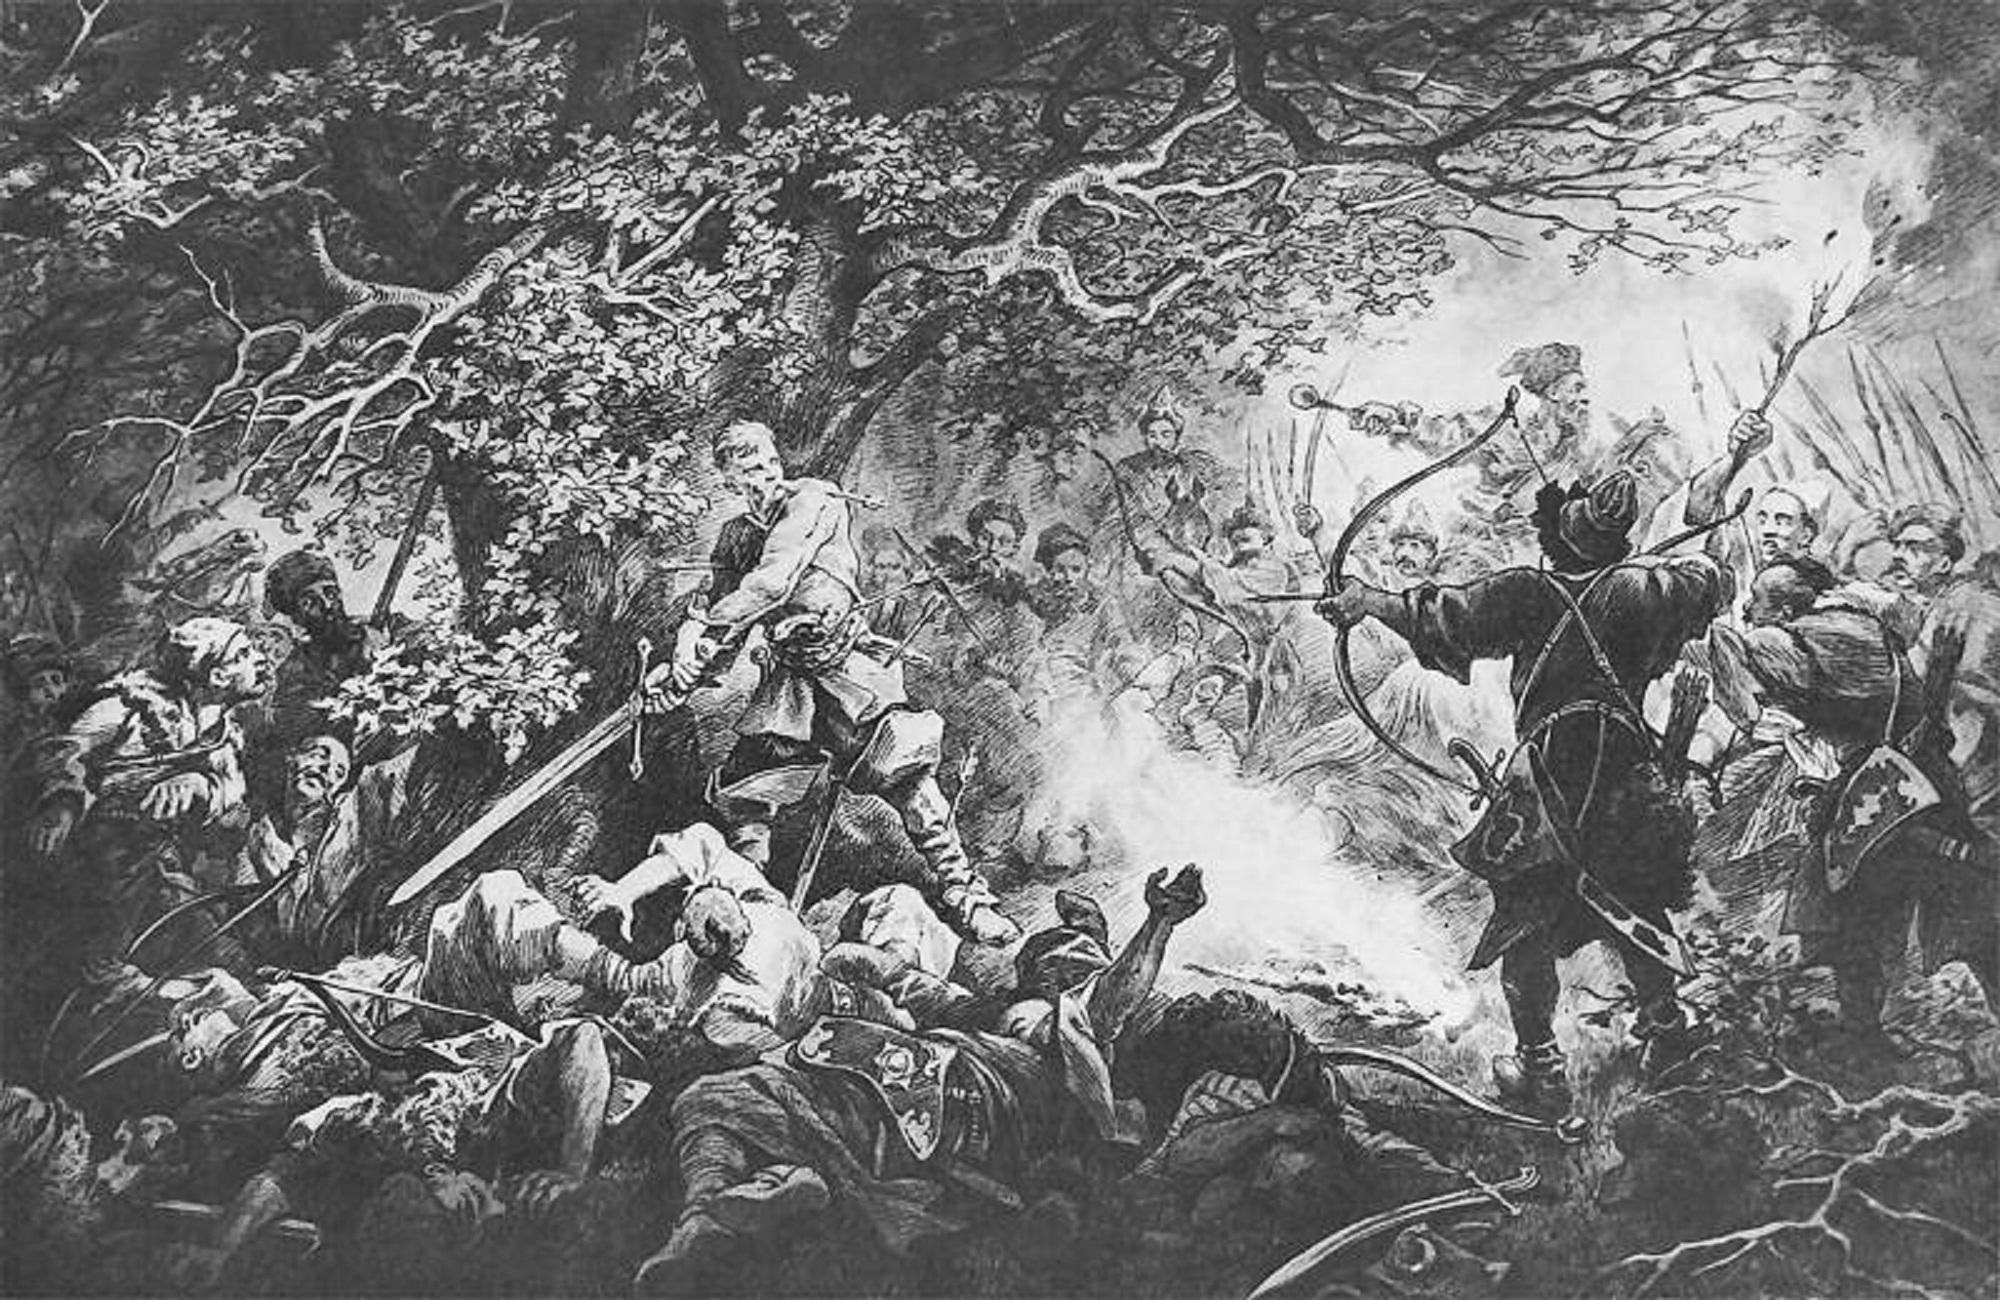 Śmierć Podbipięty pod Zbarażem, ryc. Juliusza Kossaka (fot. Wikipedia)